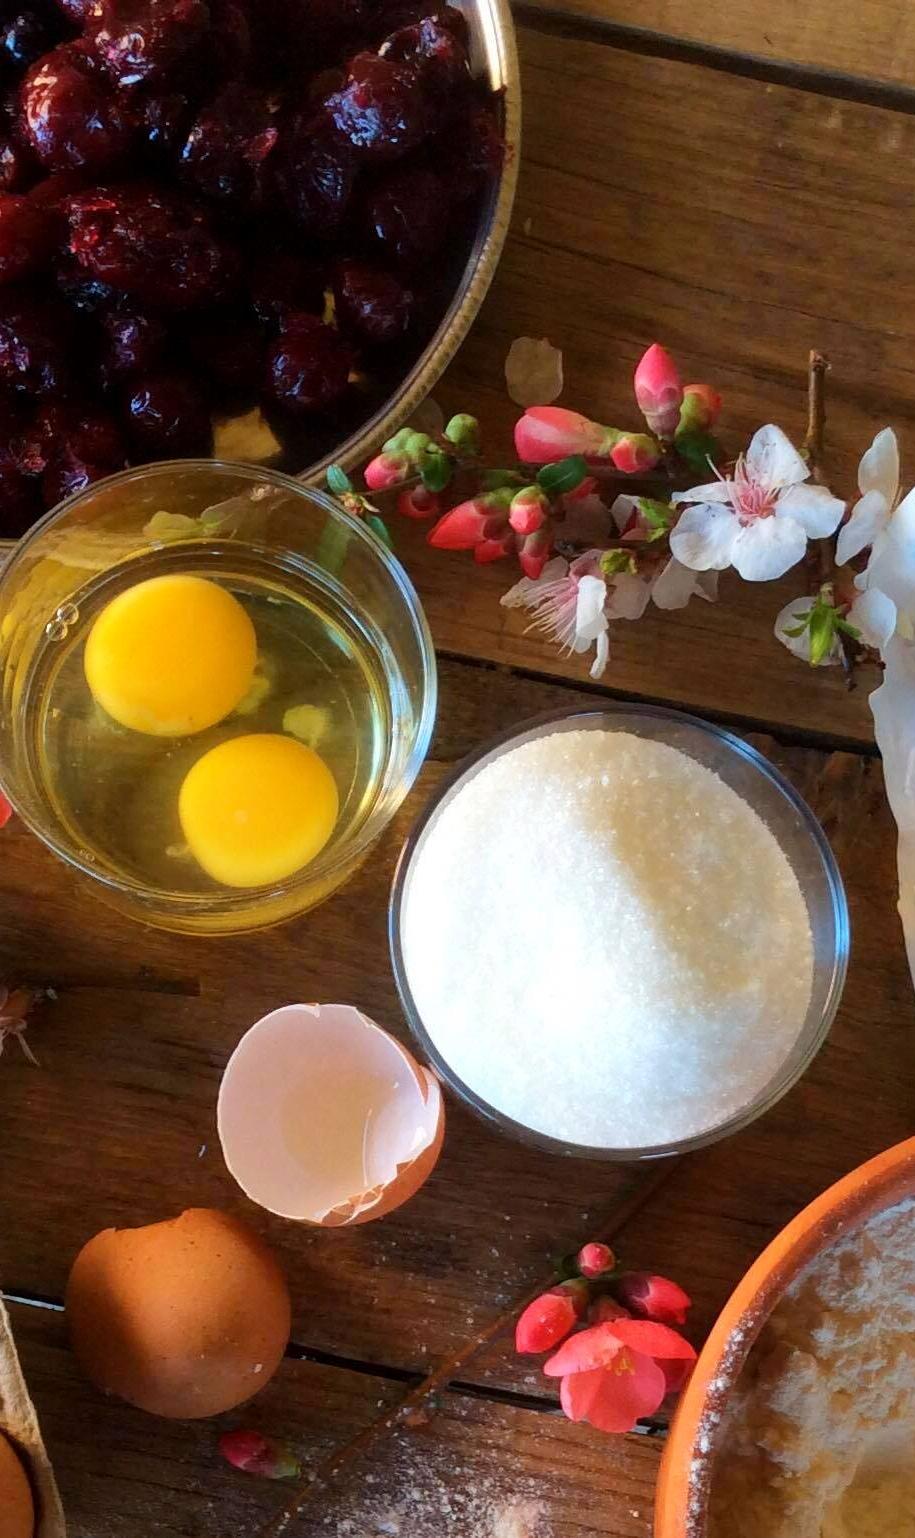 Інгредієнти для віденського пирога з вишнею